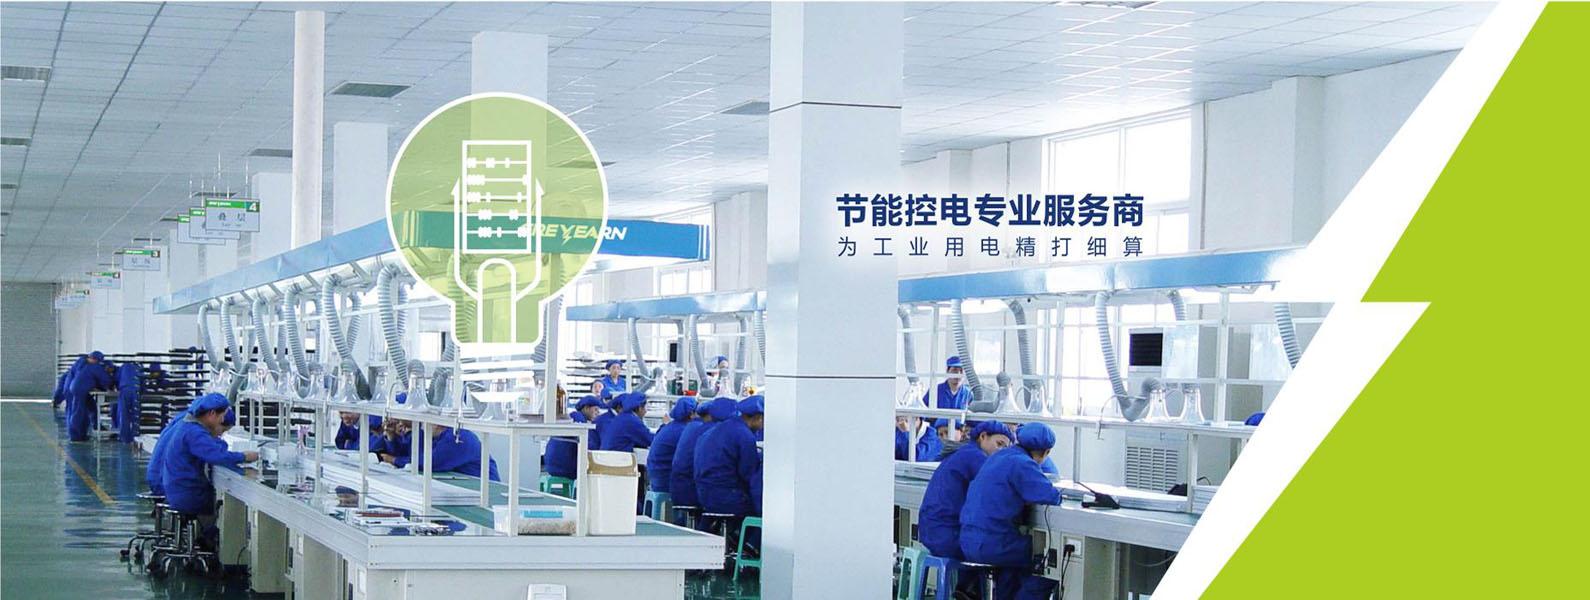 东莞市绿源电气科技有限公司